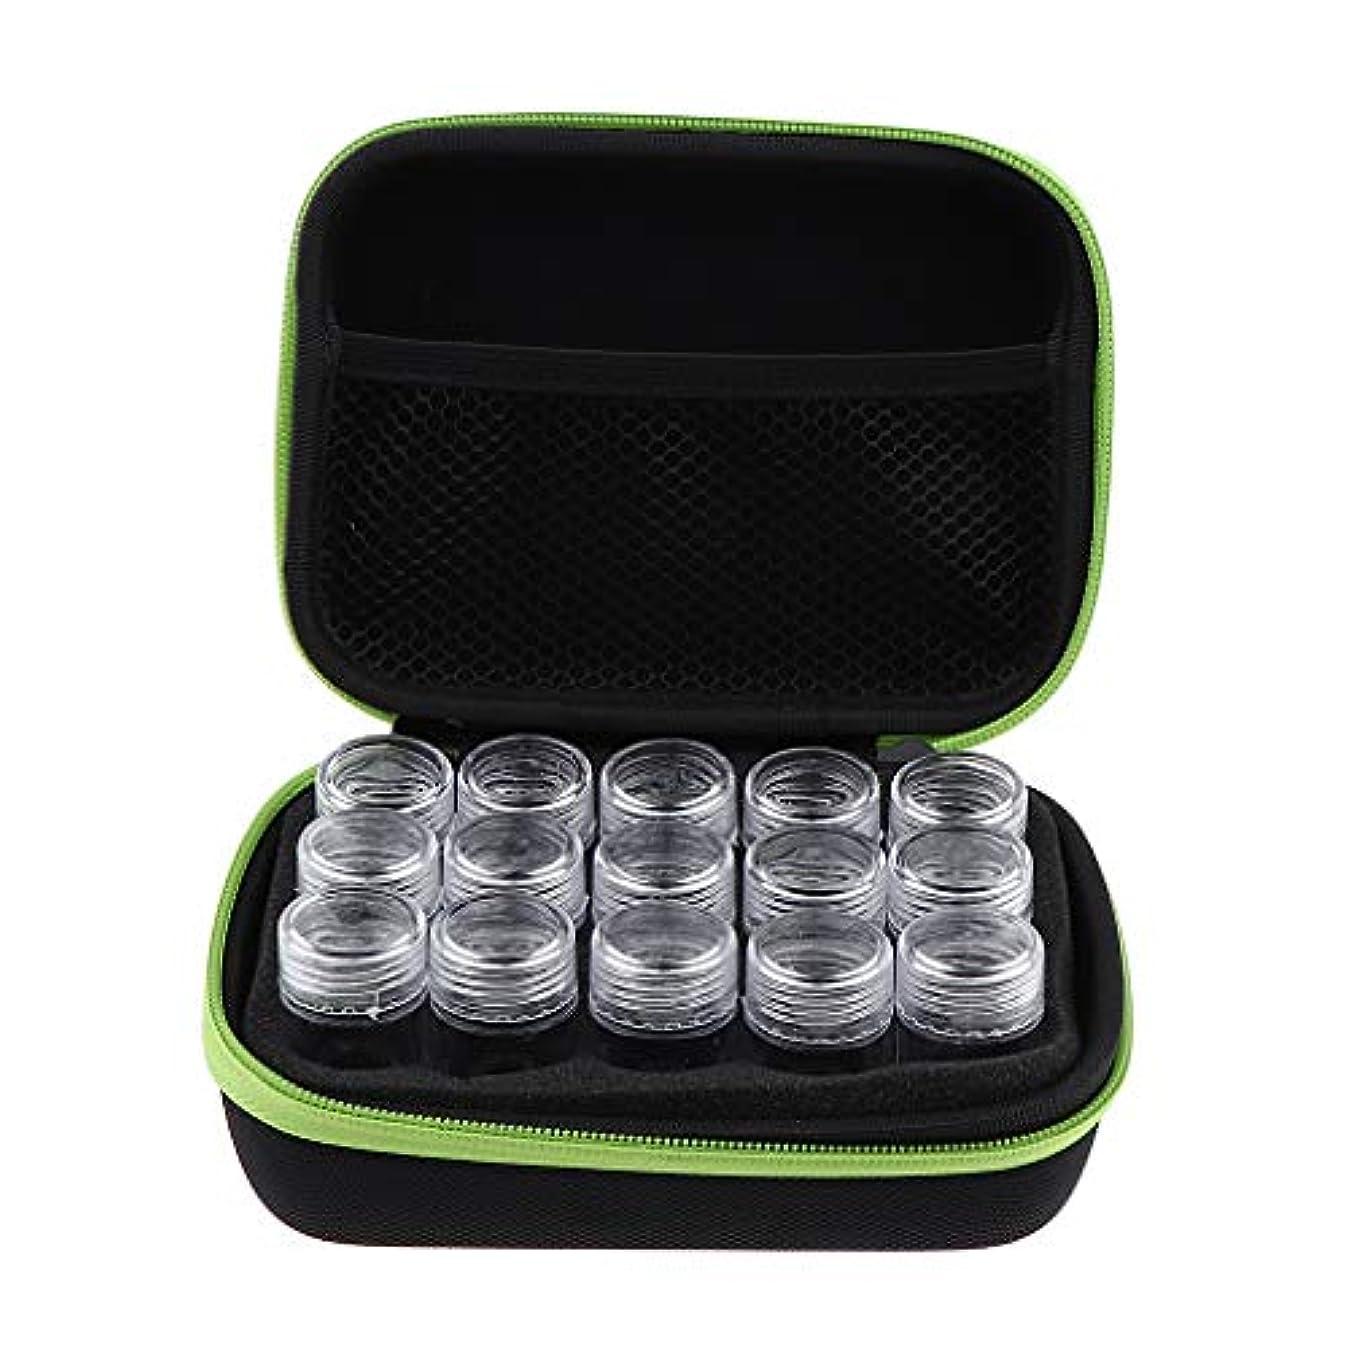 完了征服者ローブT TOOYFUL アロマポーチ エッセンシャルオイル ケース 携帯用 メイクポーチ 精油ケース 大容量 15本用 - 緑